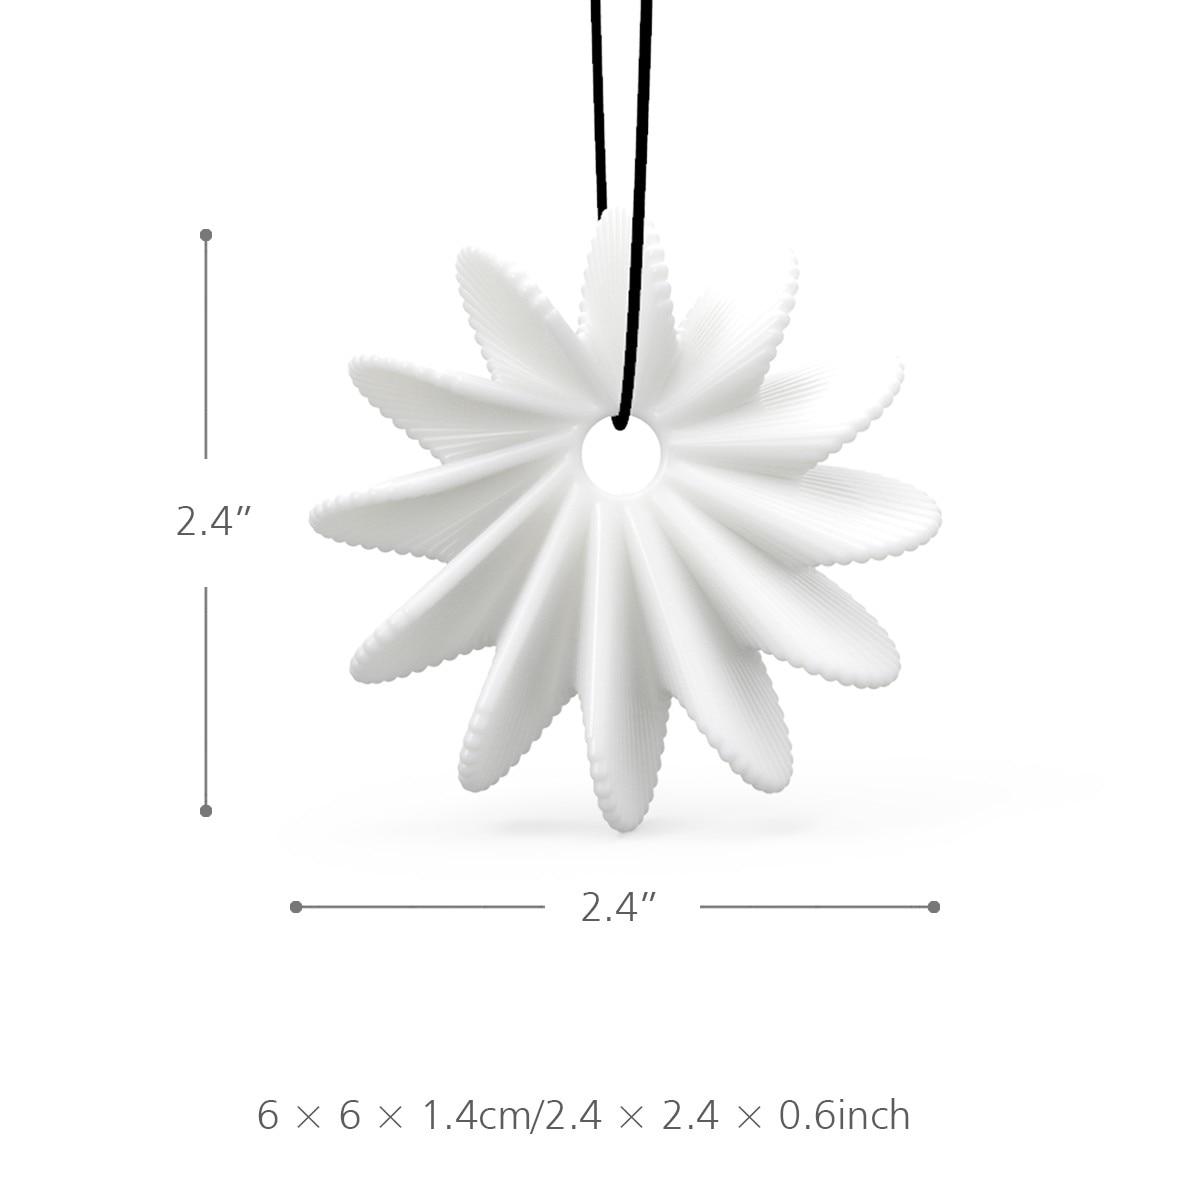 Tooarts Tomfeel Bijuterii imprimate 3D Înflorit Floare Modelare - Decoratiune interioara - Fotografie 4